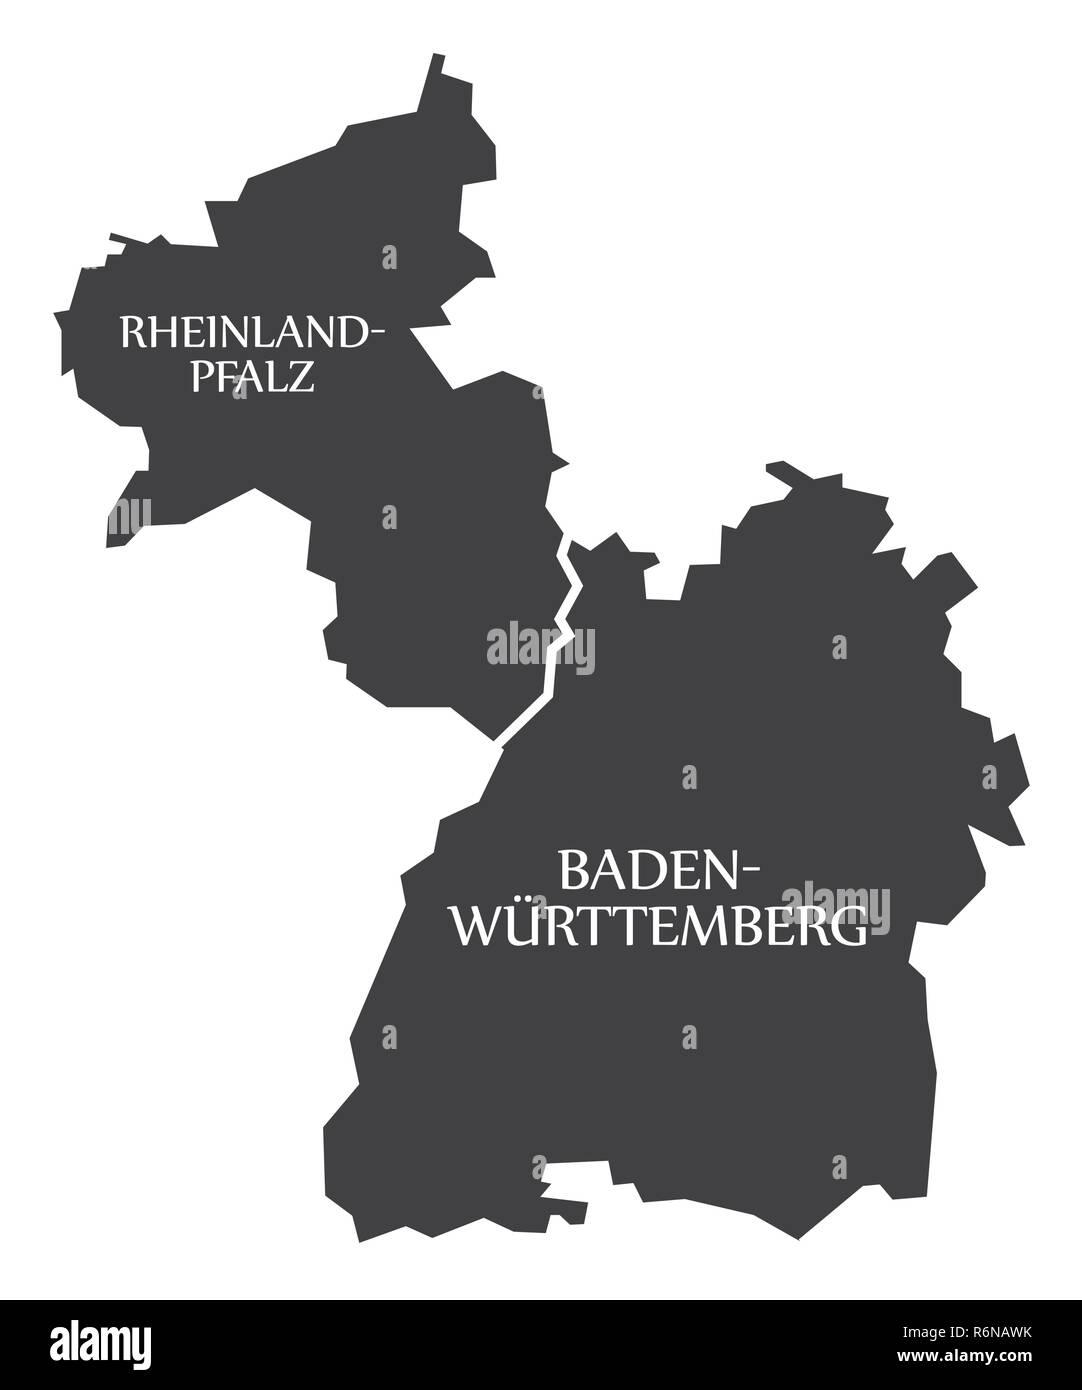 Karte Baden Württemberg Rheinland Pfalz.Rheinland Pfalz Baden Württemberg Bundesländer Karte Von